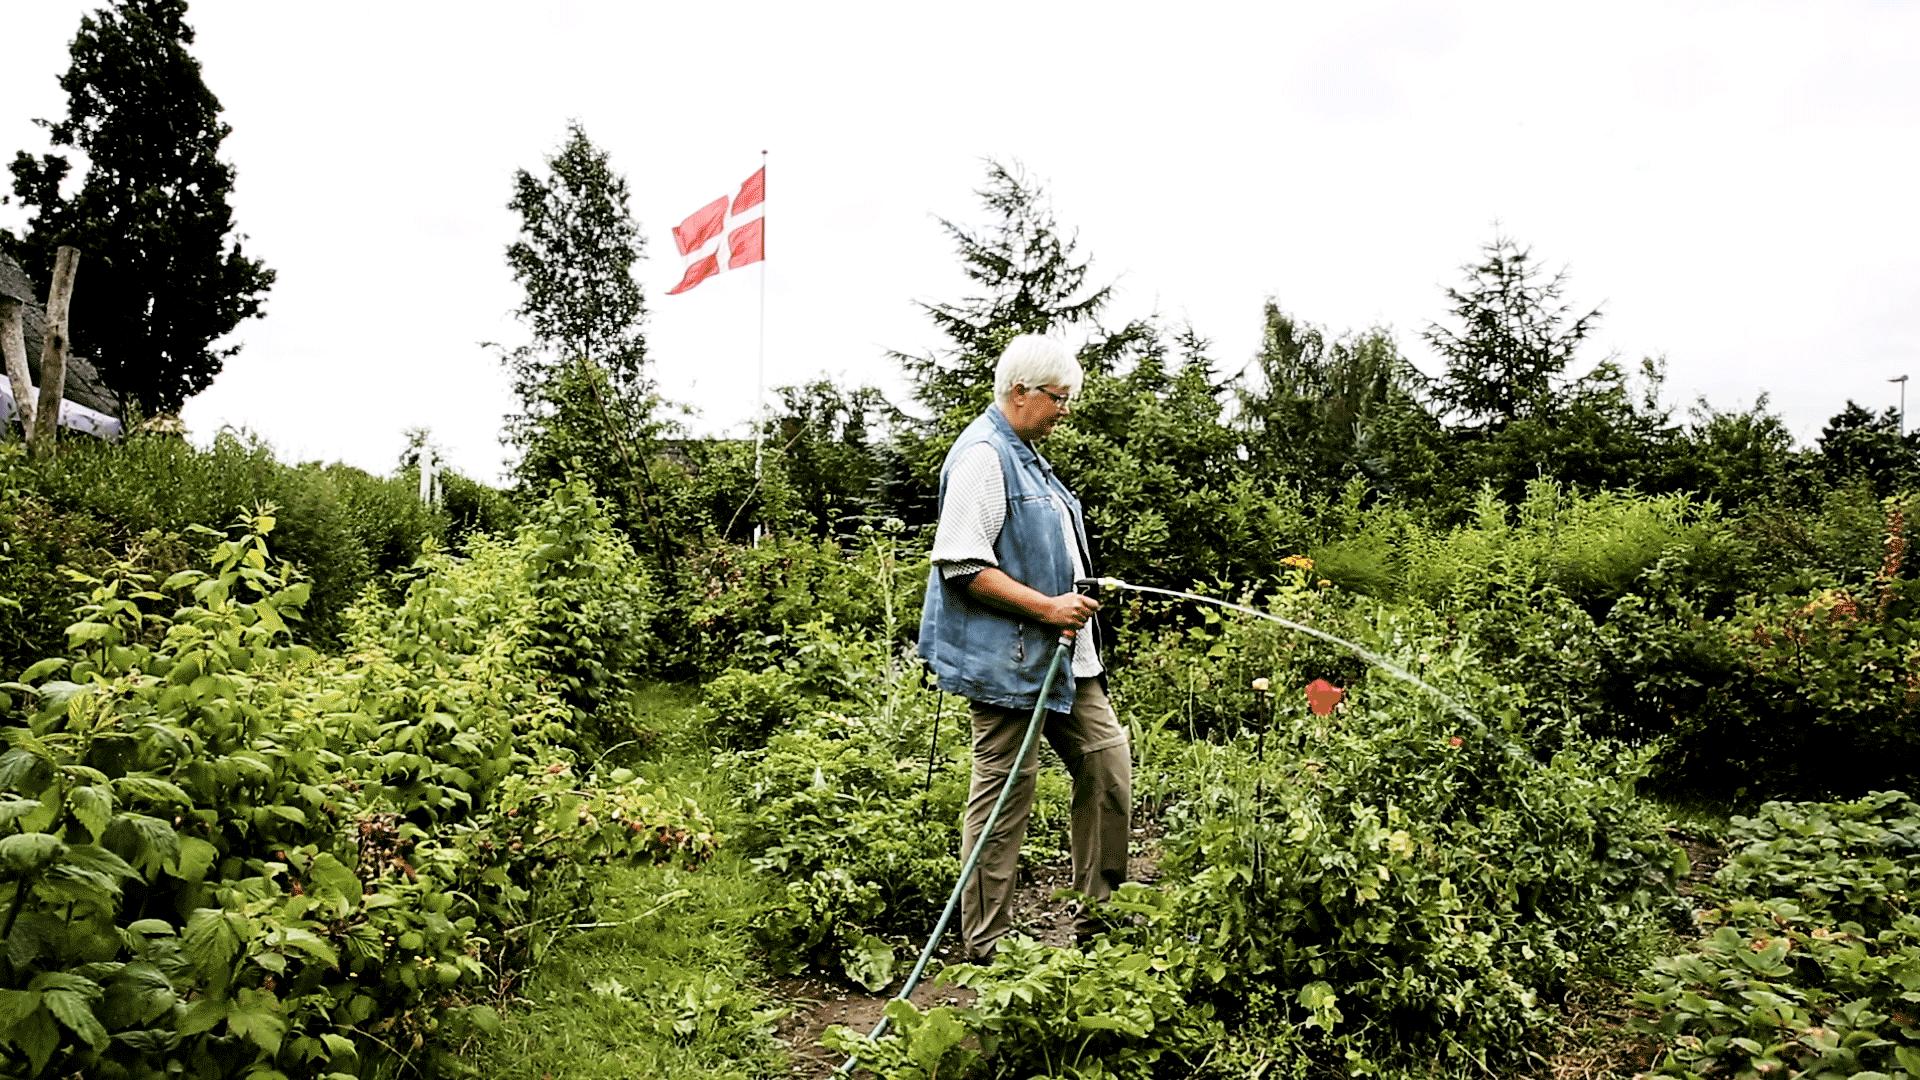 """VÆKST Ella Hilker synes, at københavnernes taghaver er et mærkeligt fænomen. """"Kom dog ud i den rigtige natur,"""" som hun siger. Foto Jonas Pryner, Zetland"""